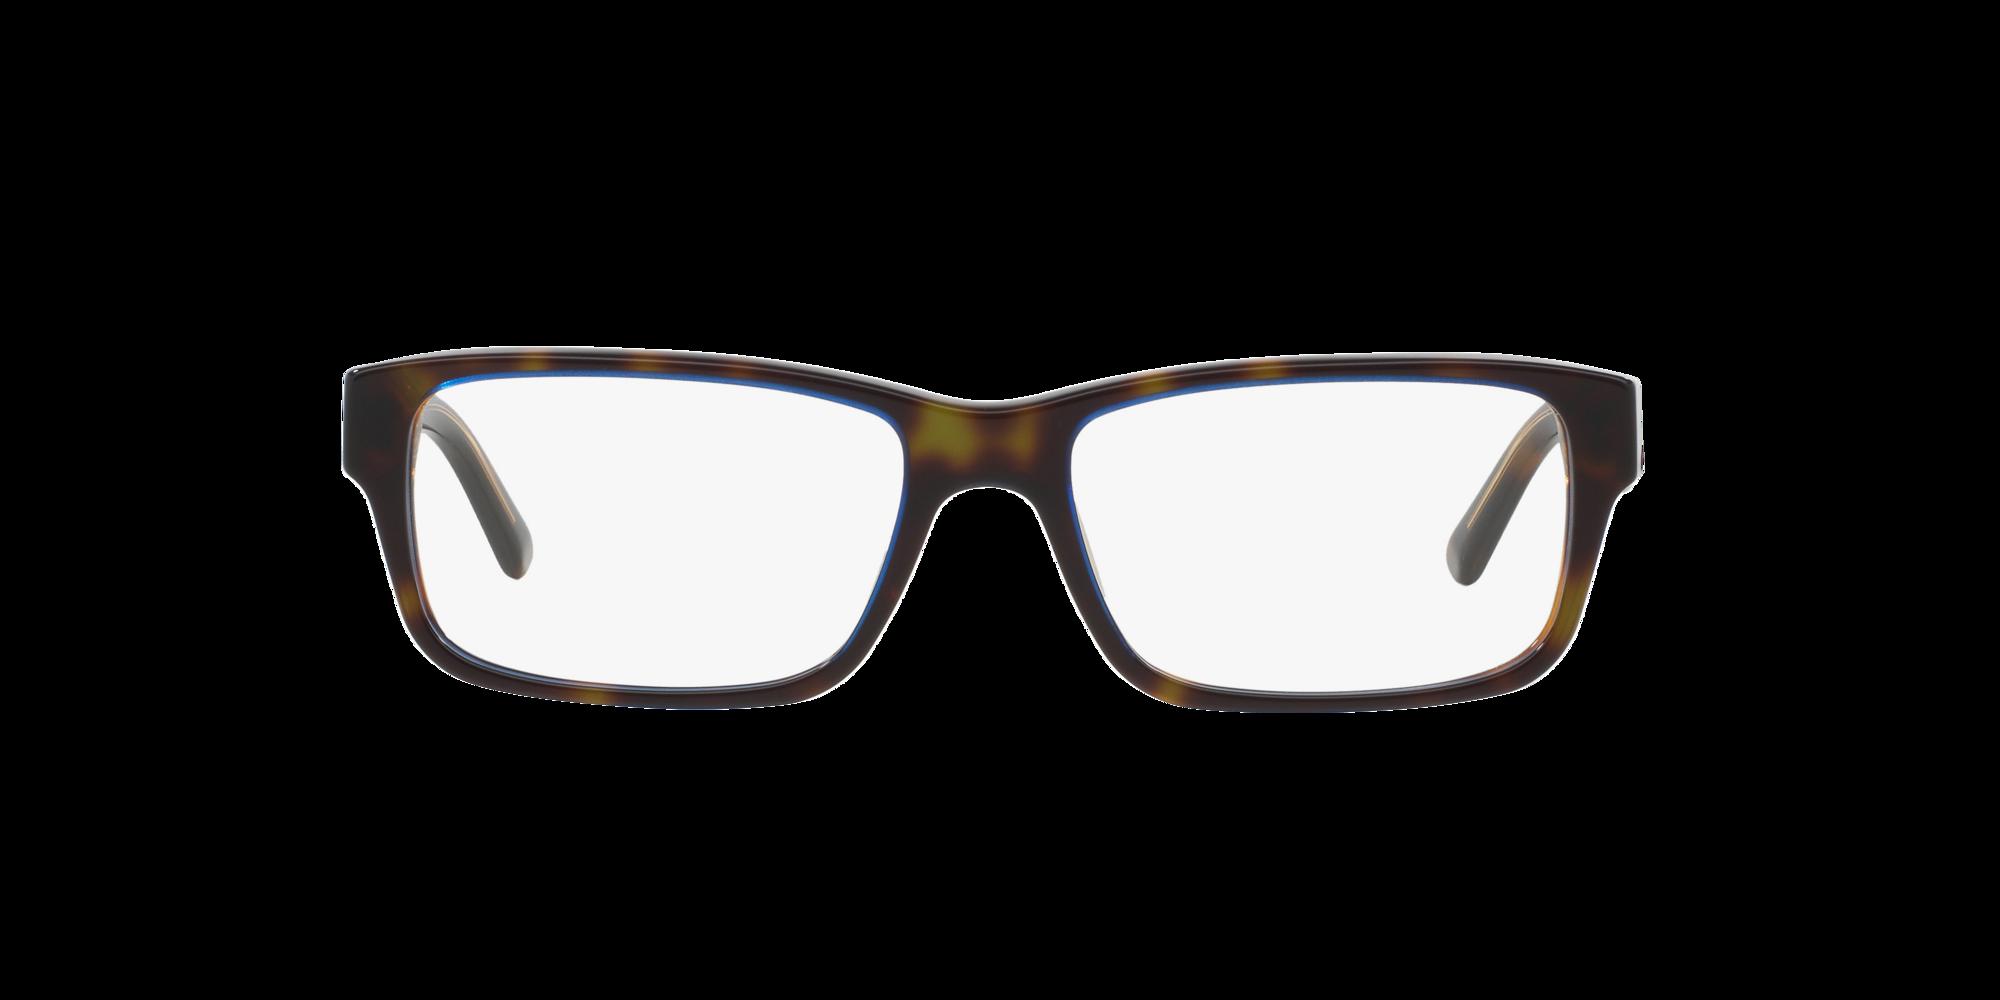 Imagen para PR 16MV HERITAGE de LensCrafters |  Espejuelos, espejuelos graduados en línea, gafas